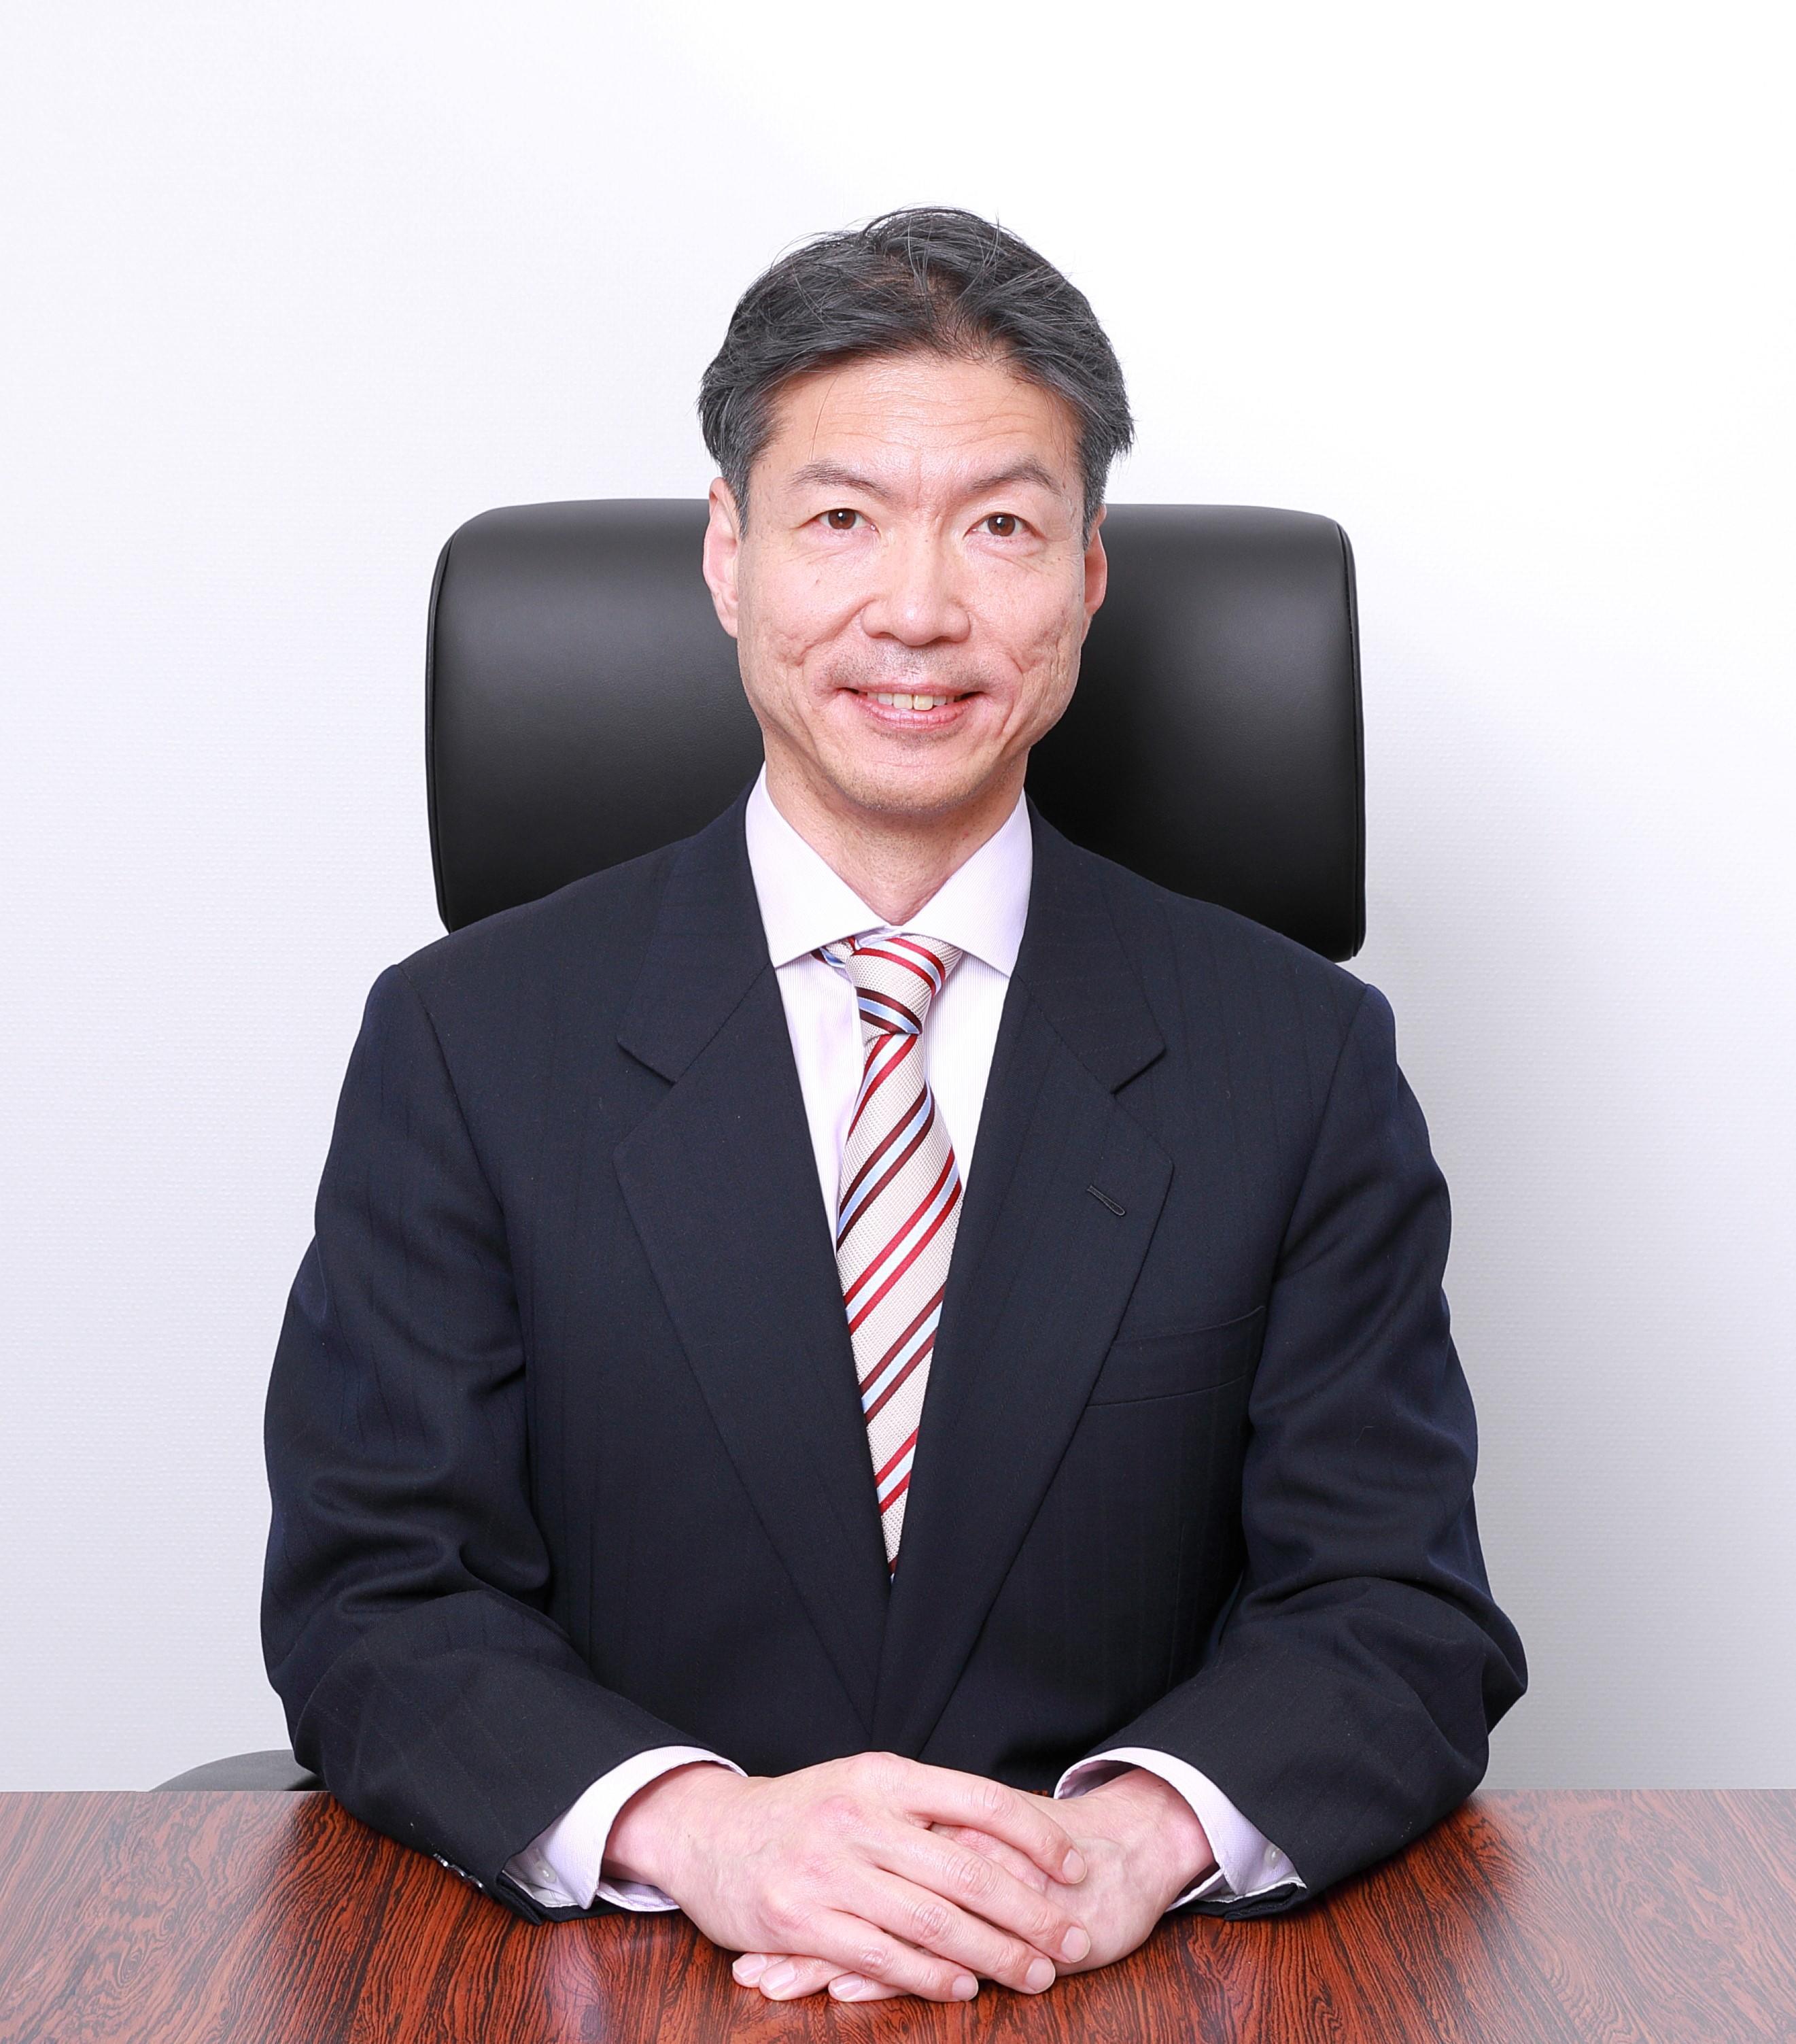 東洋学園大学 新学長就任のお知らせ 4月1日より理事長の愛知太郎が就任